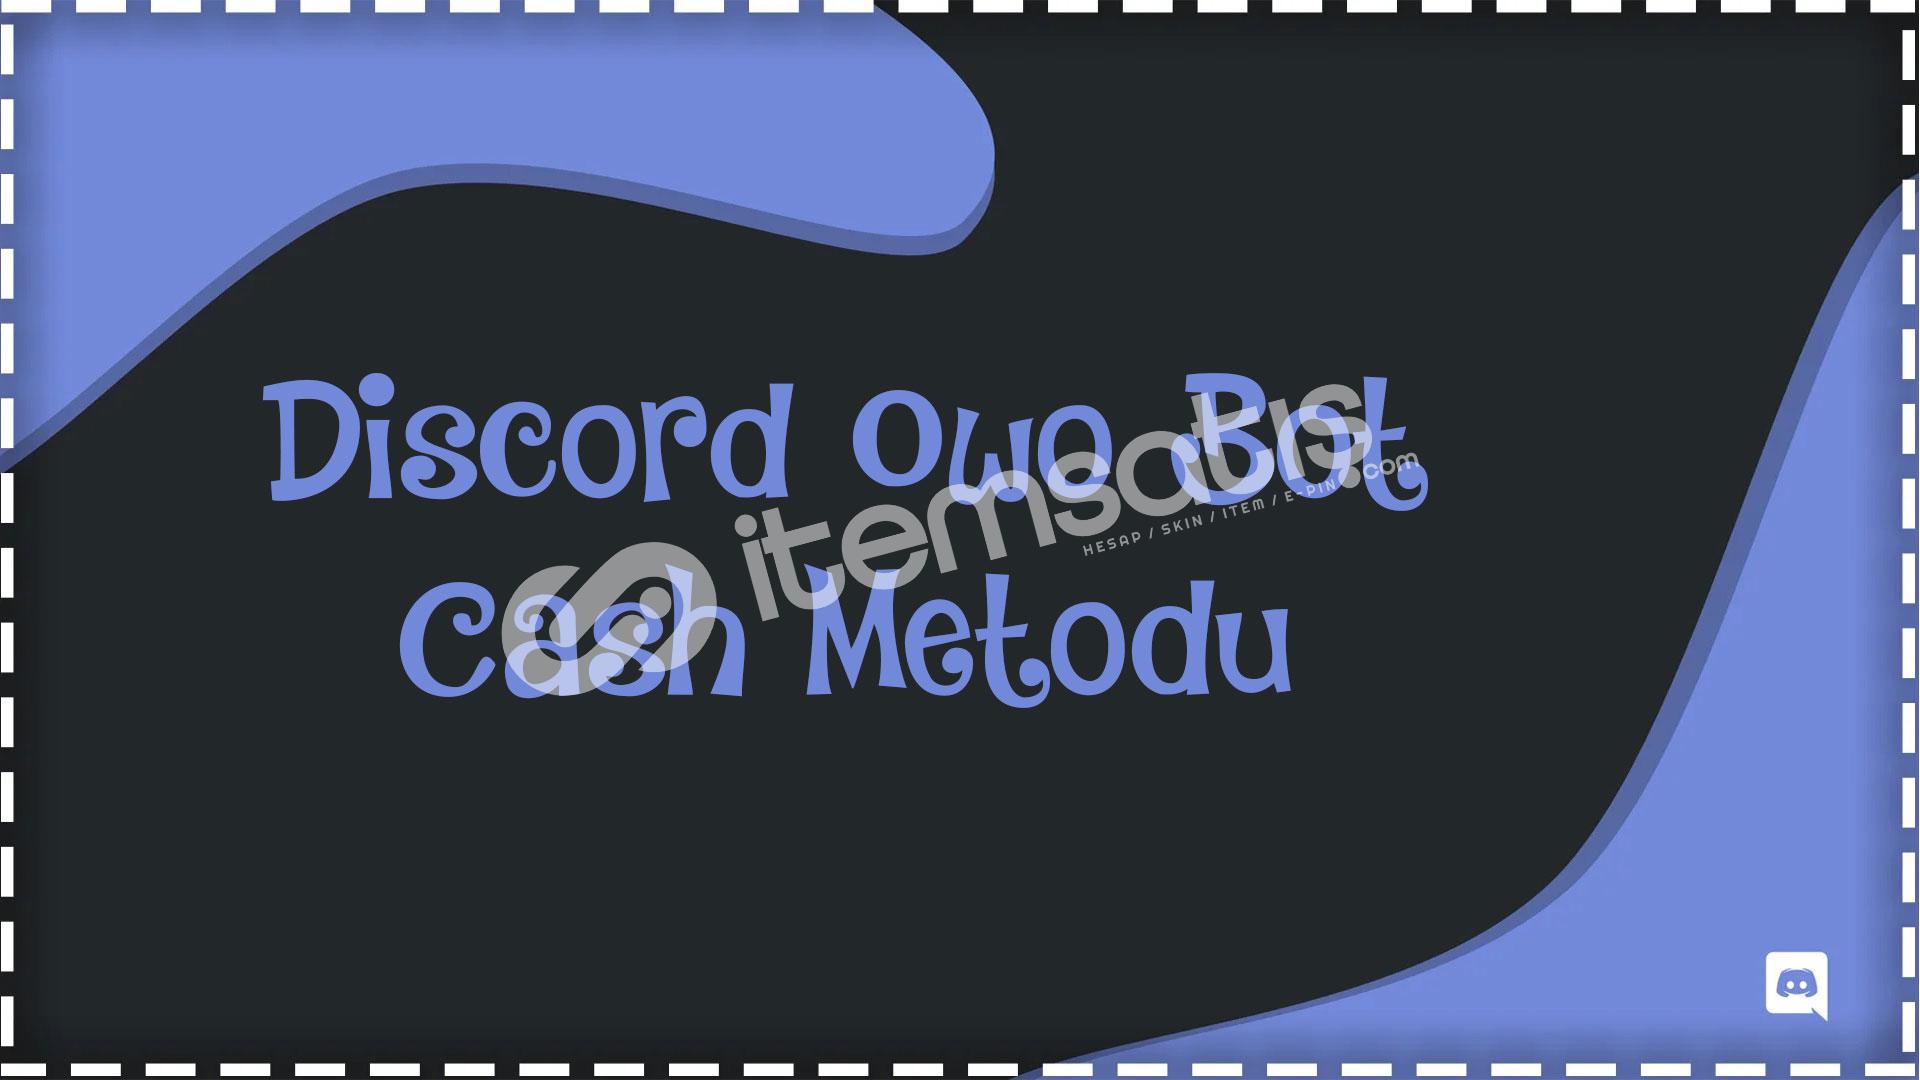 Owo Cash Metodu (Bot)